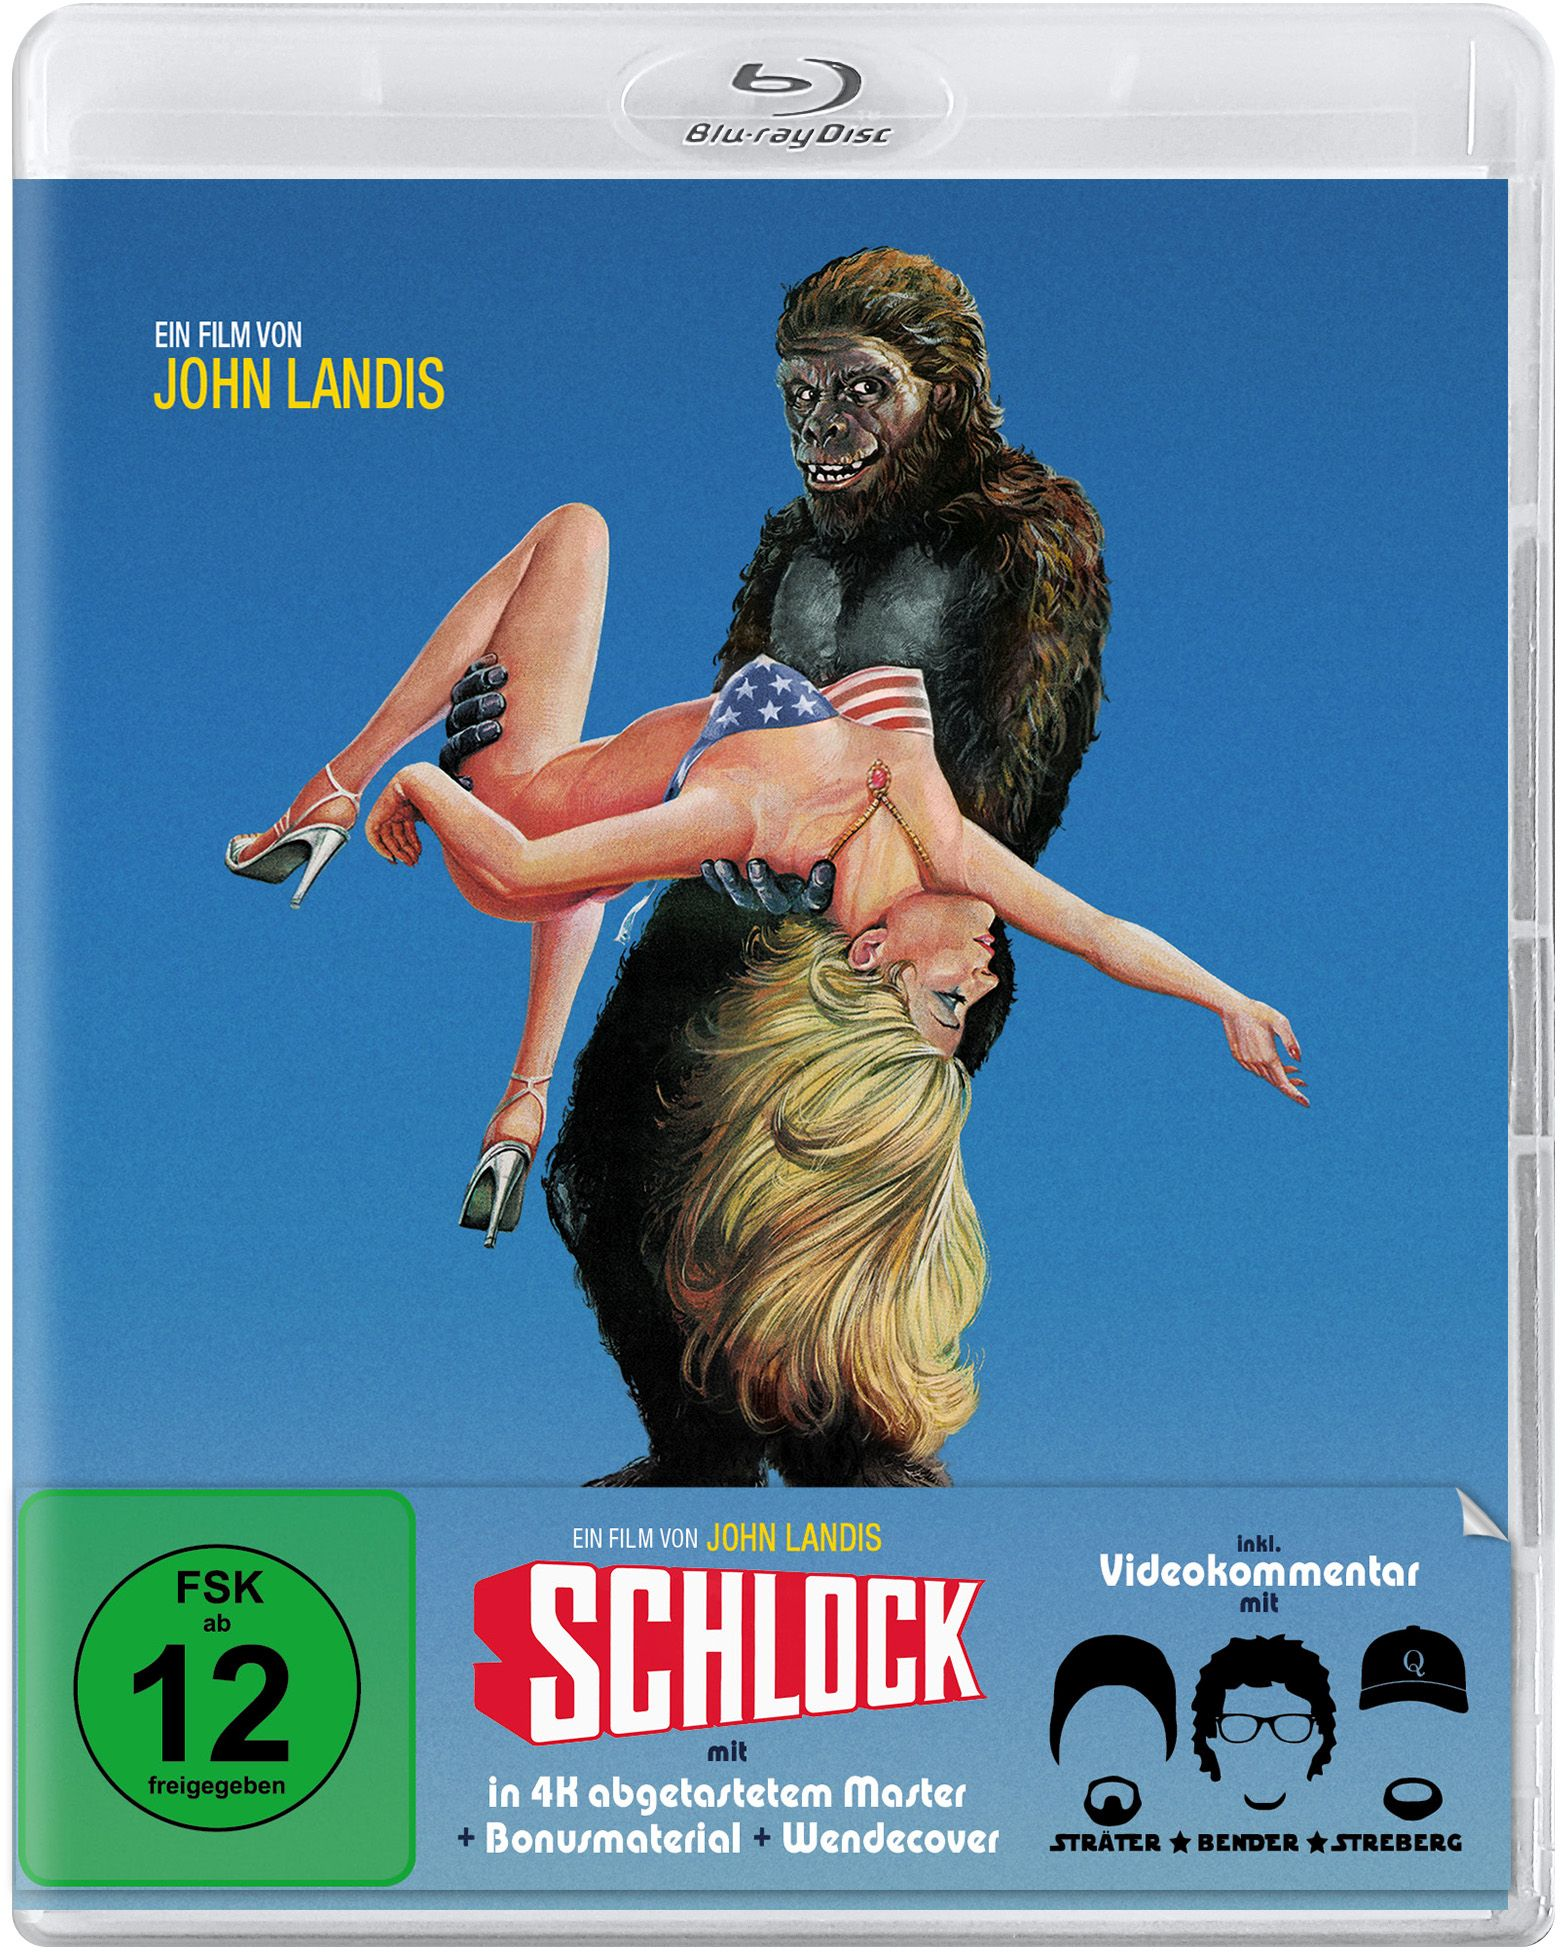 DVD/BD Veröffentlichungen 2021 - Seite 5 4260669610095